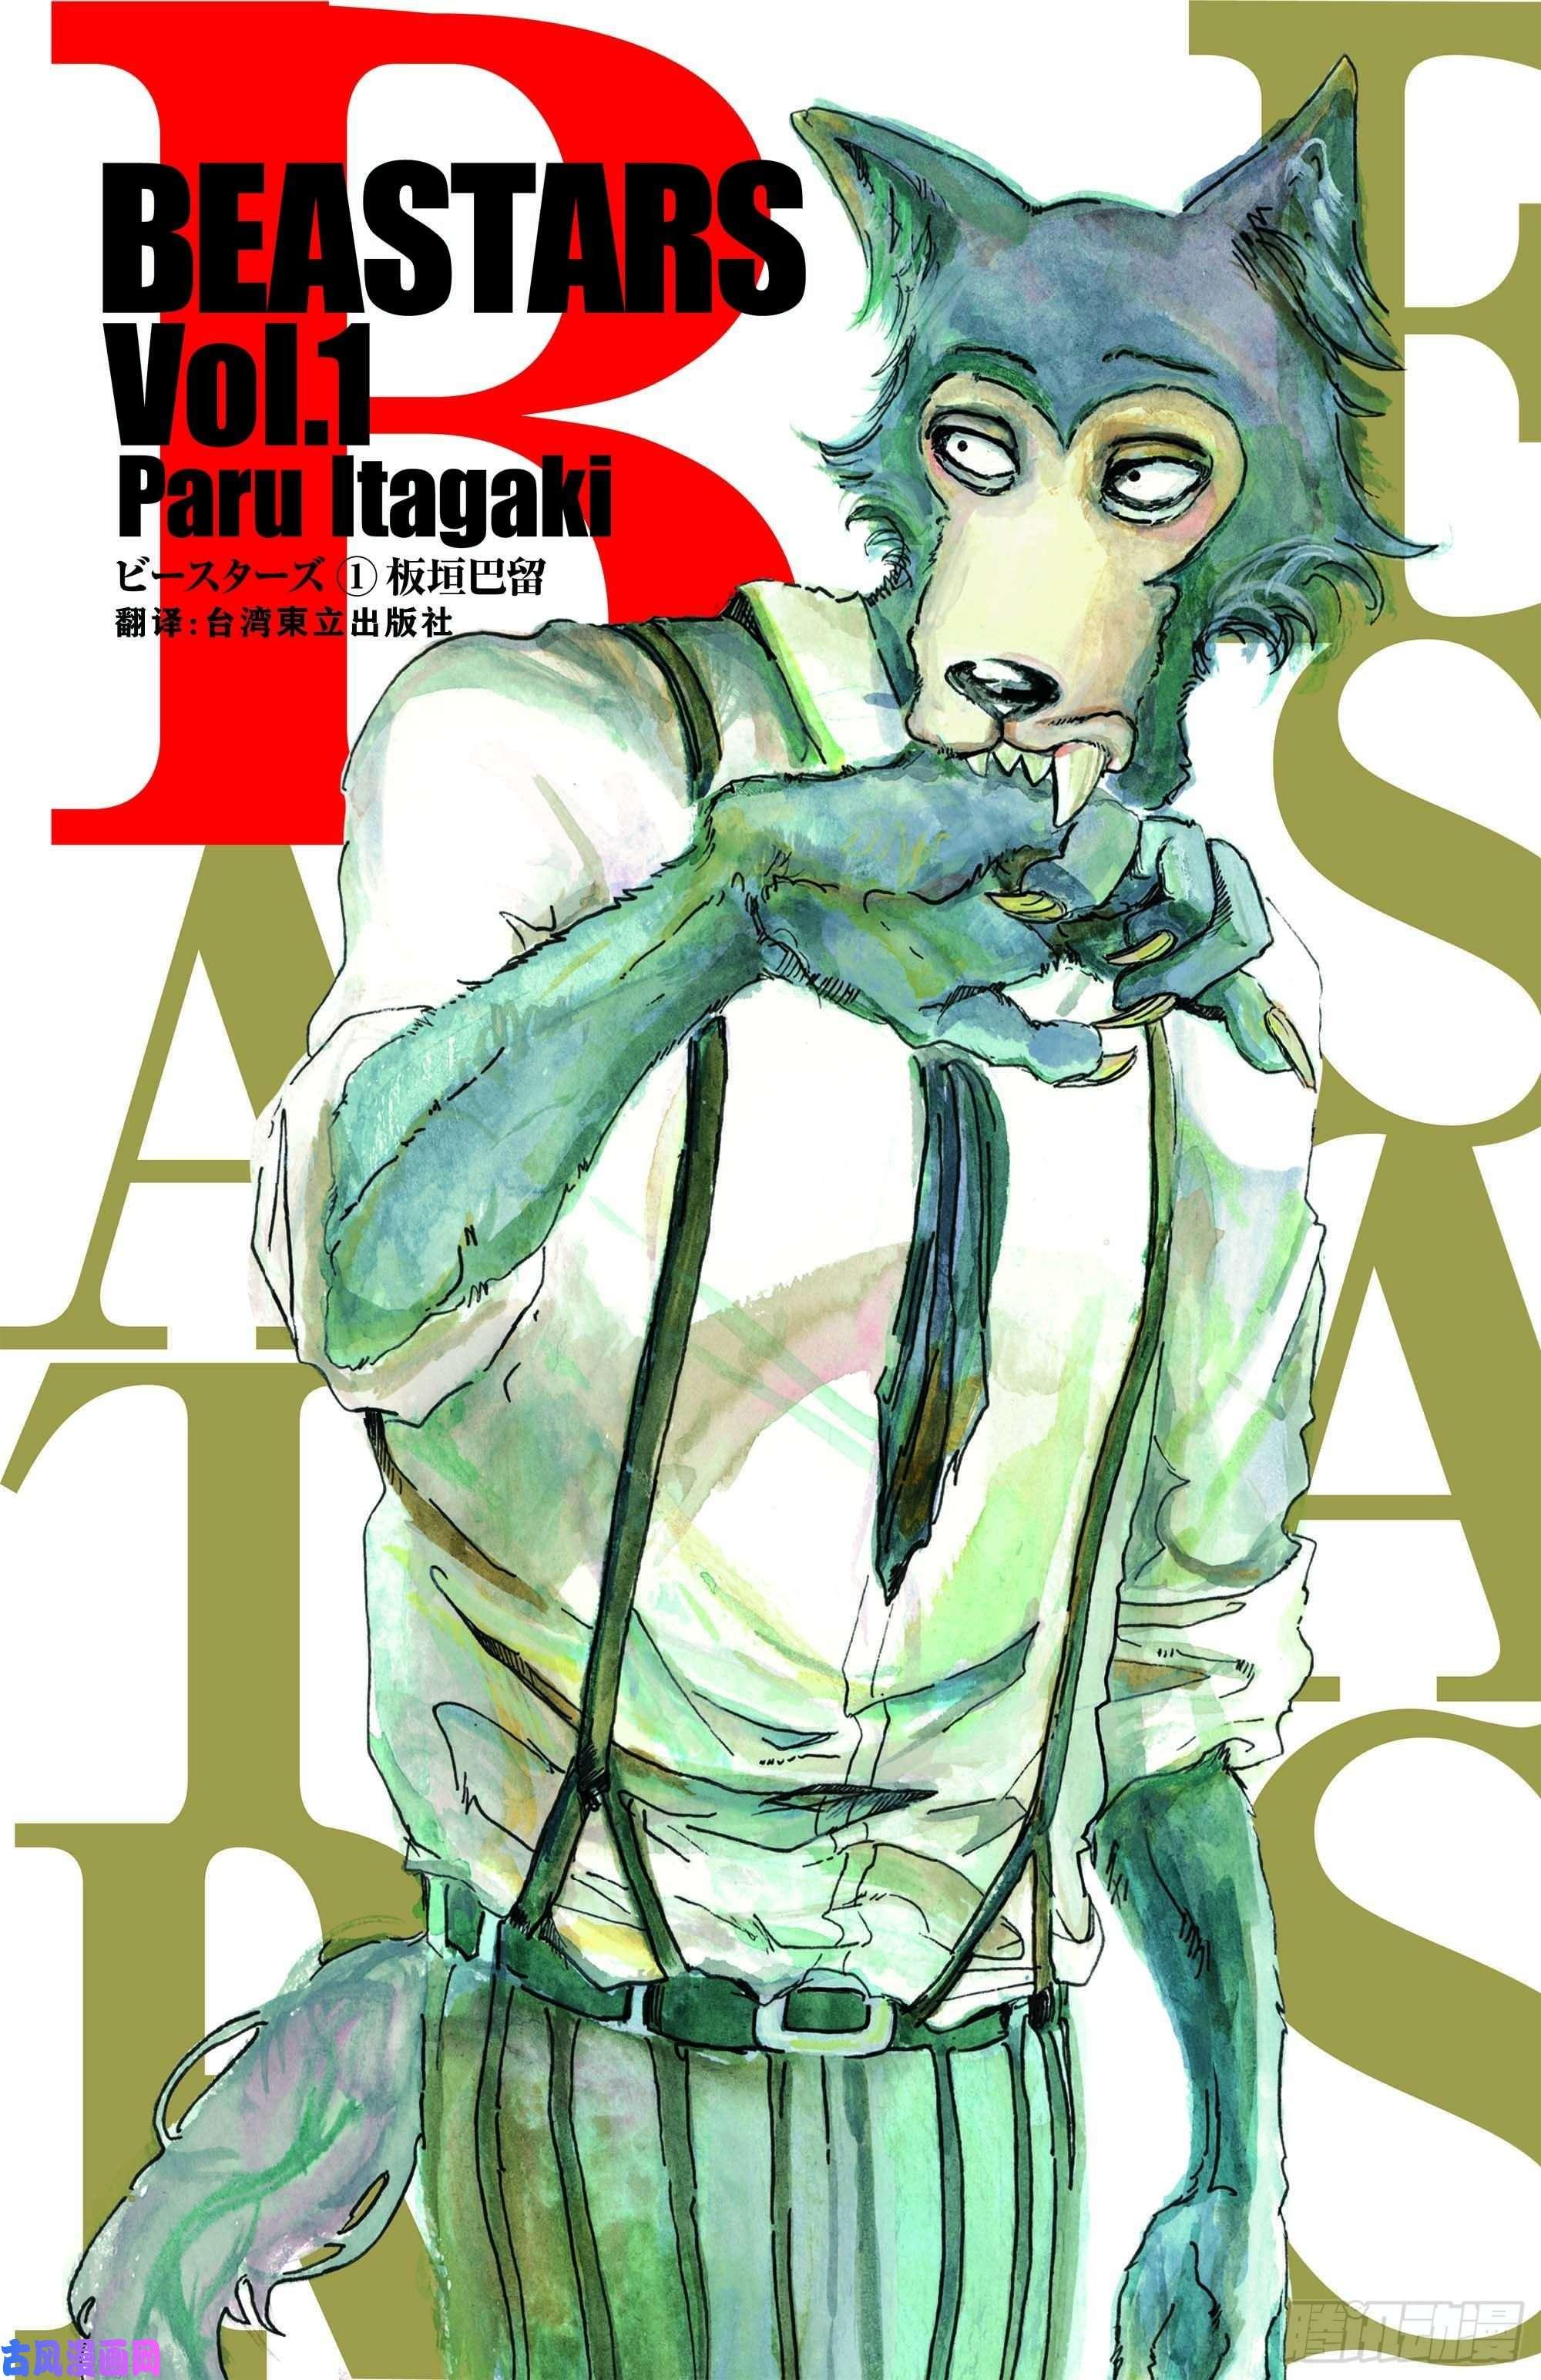 【漫画】【完结】《BEASTARS动物狂想曲》百度网盘下载